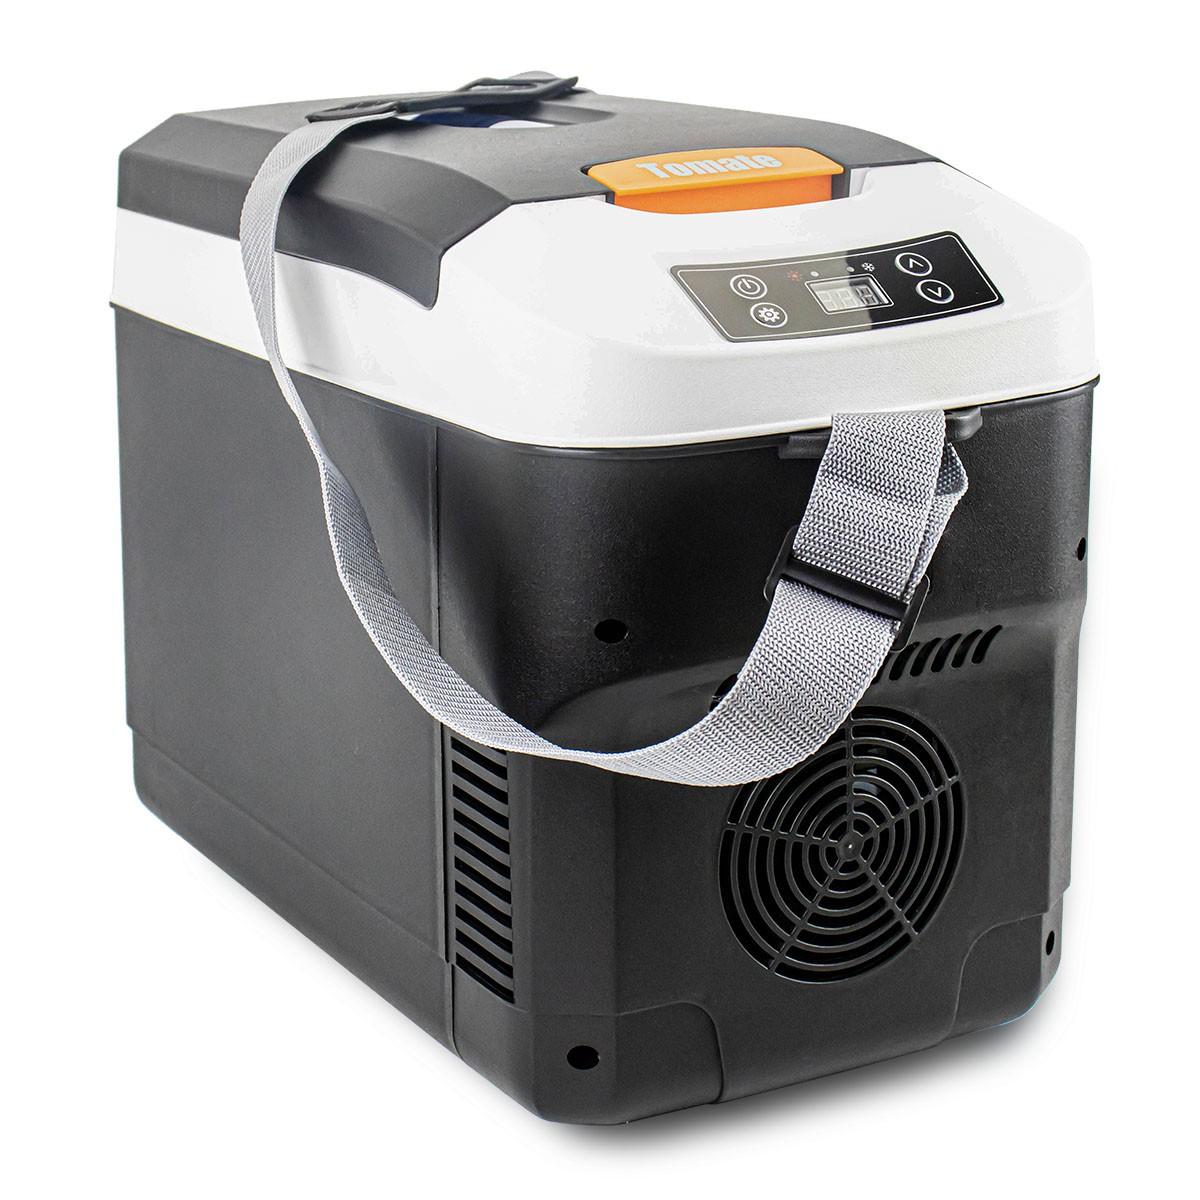 Mini Cooler Geladeira de Carro 10L Refrigerador e Aquecedor Automotivo 50W Tomate MDC-010